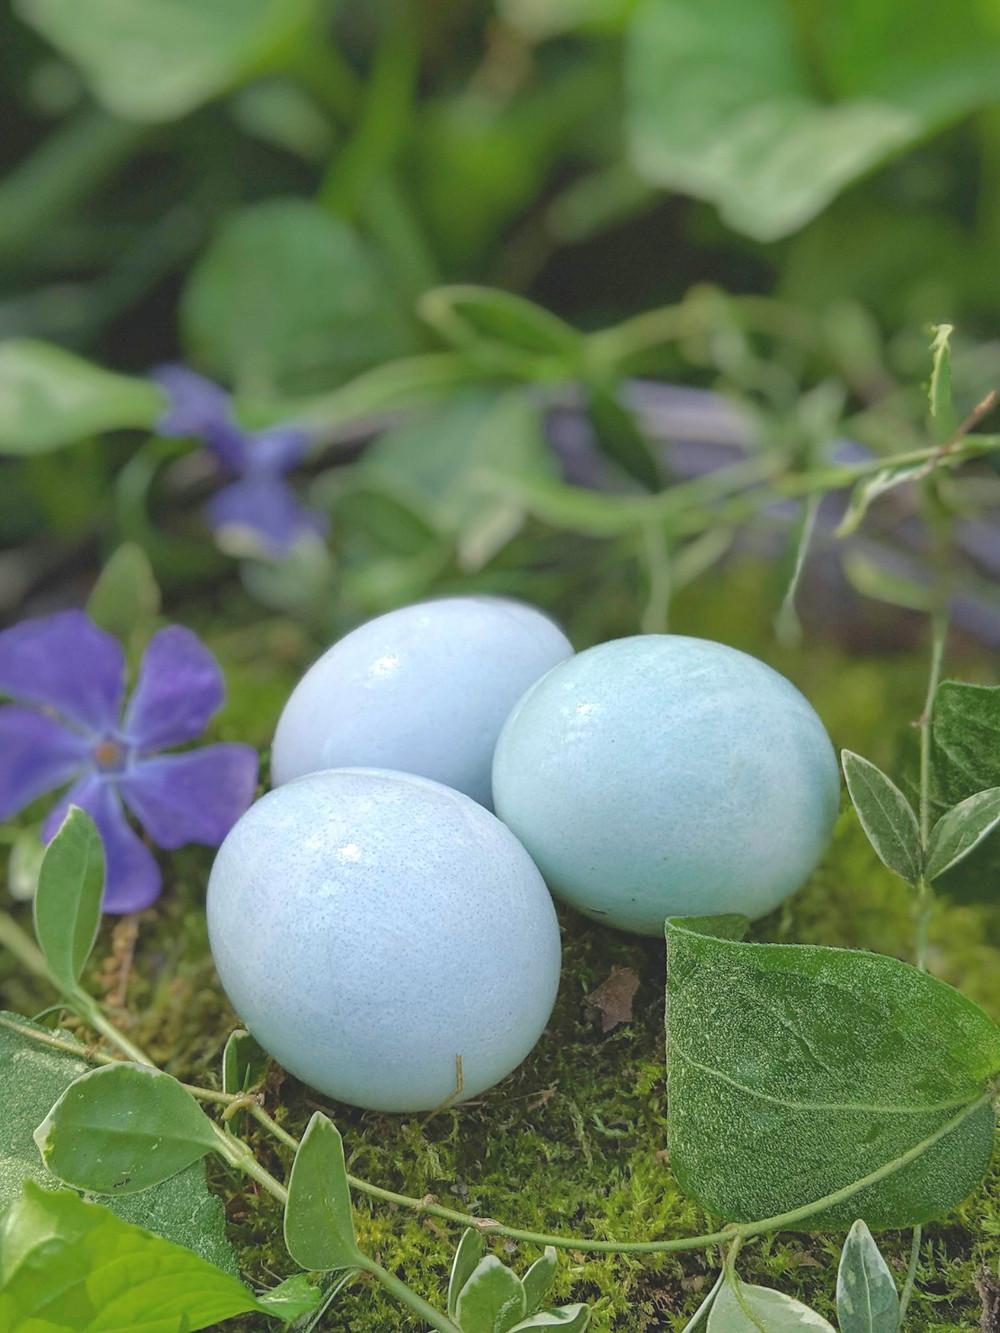 Natural Easter egg dye (cabbage juice)